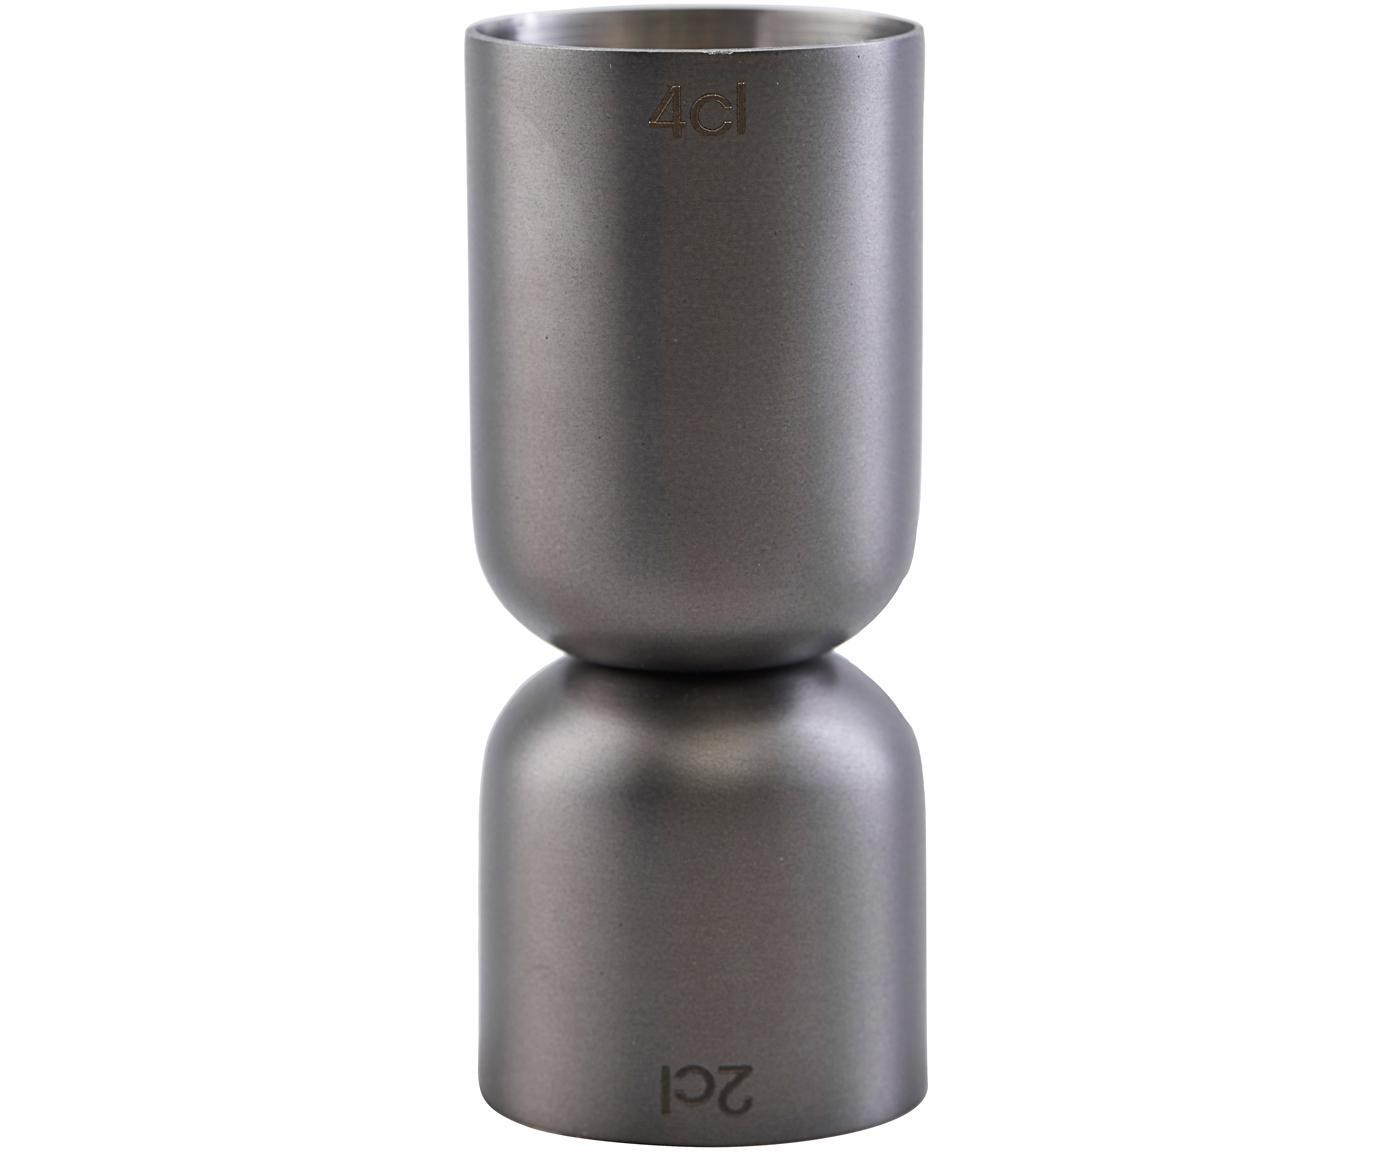 Vaso medidor Gunmetal, Acero inoxidable, recubierto, Gris antracita, Ø 4 x Al 9 cm